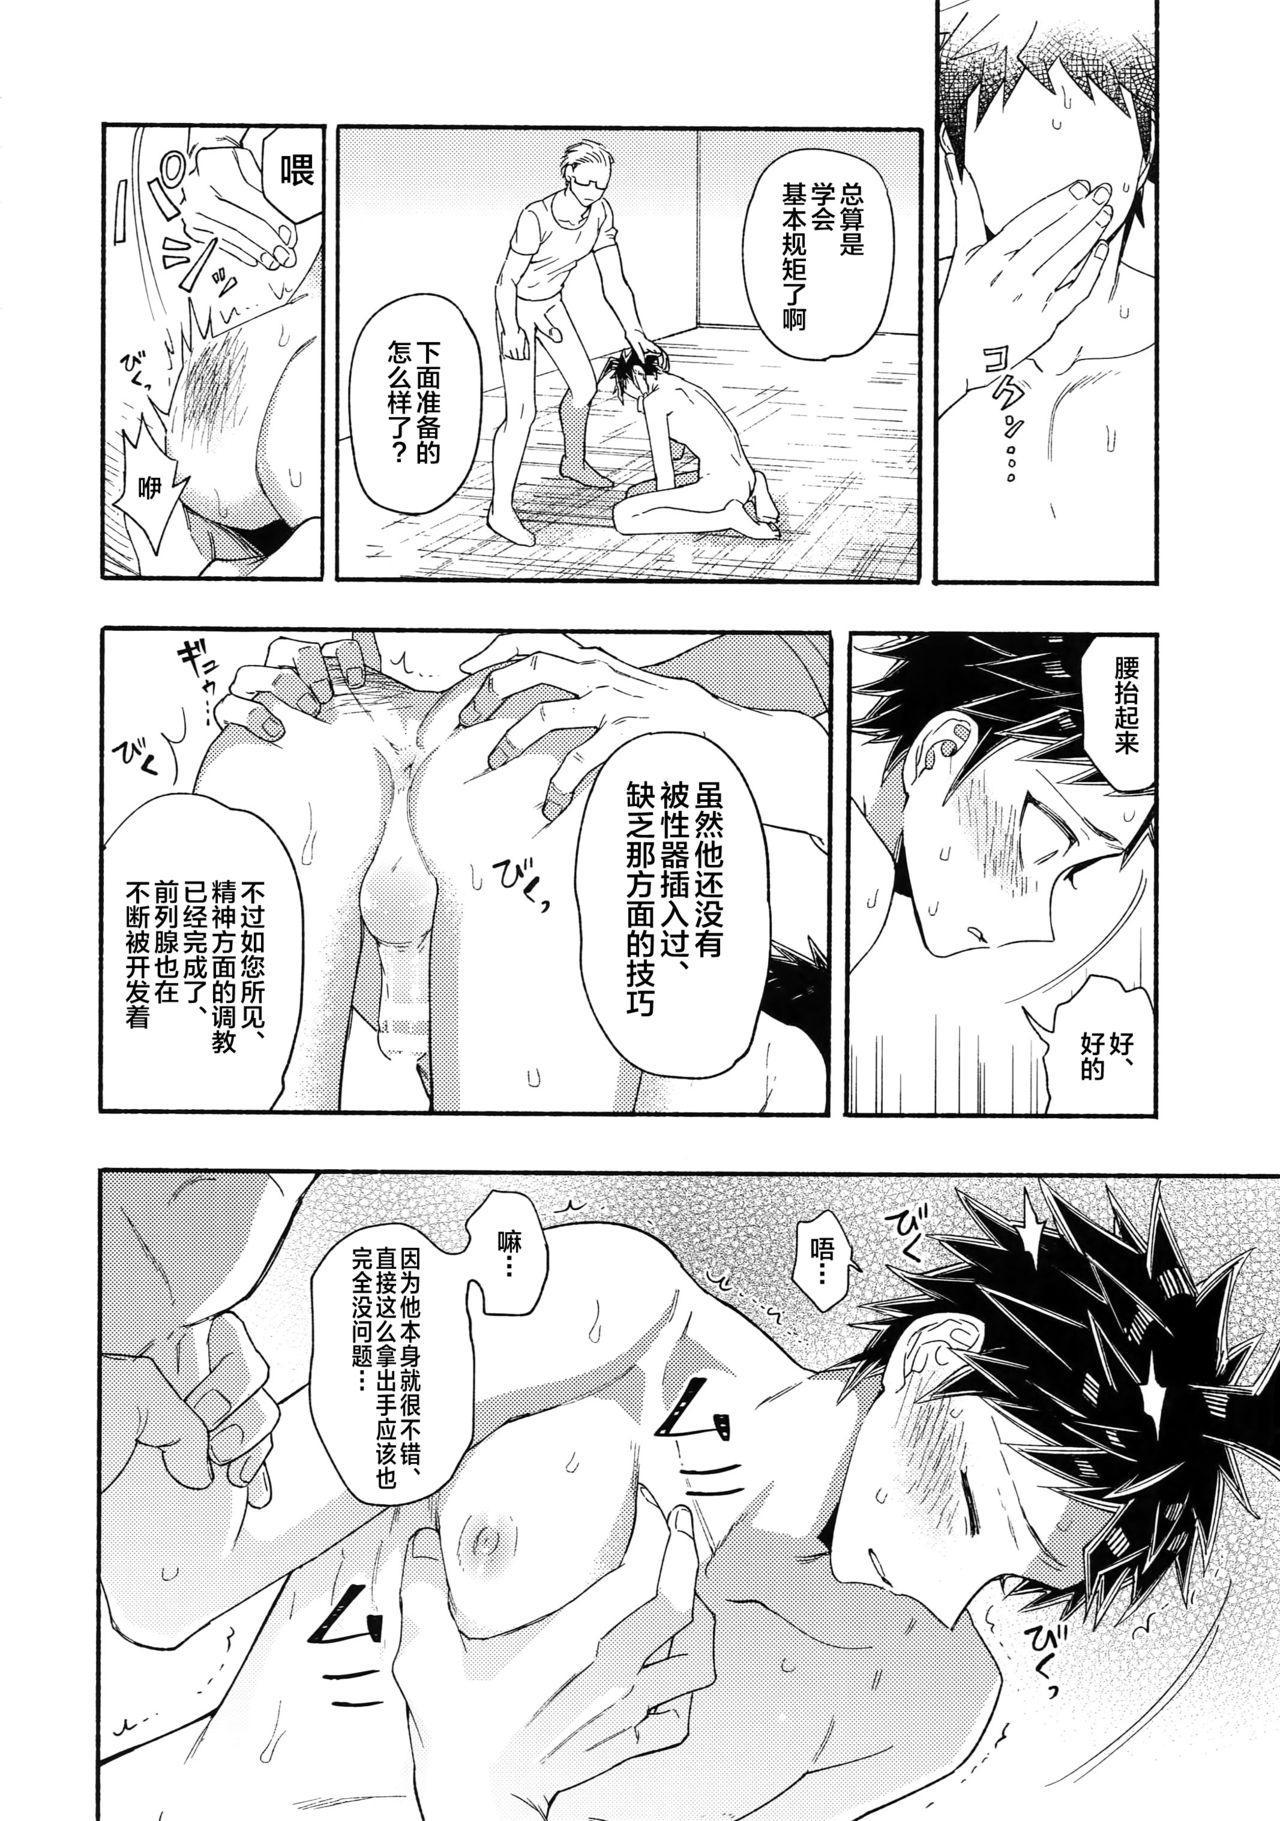 Aisareru Yobi Gakka 3